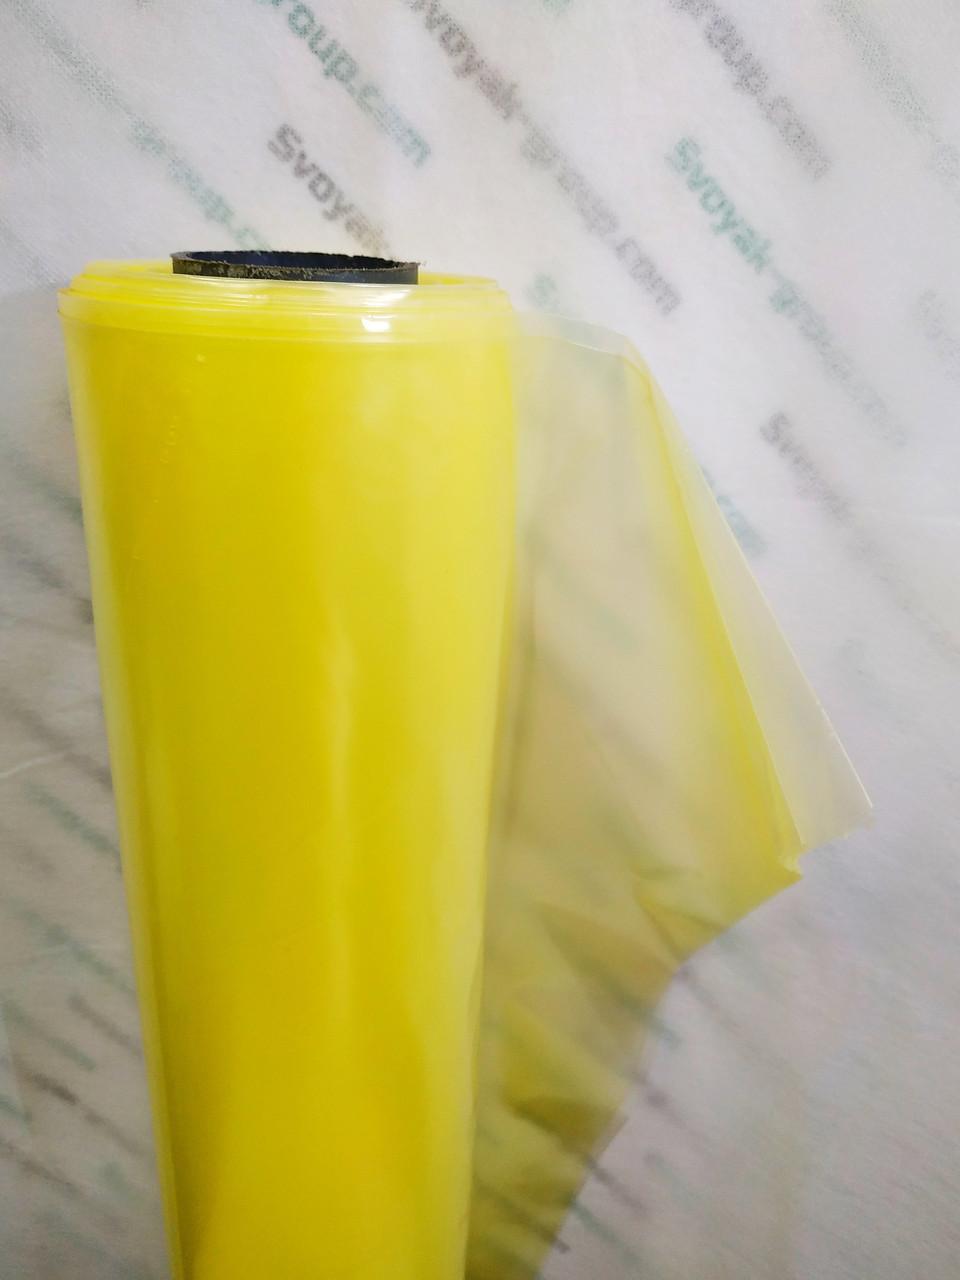 Пленка тепличная. 6м ширина\ Плотность 80 мкр\ 12мес. cтабилизации (UV-2%). На метраж